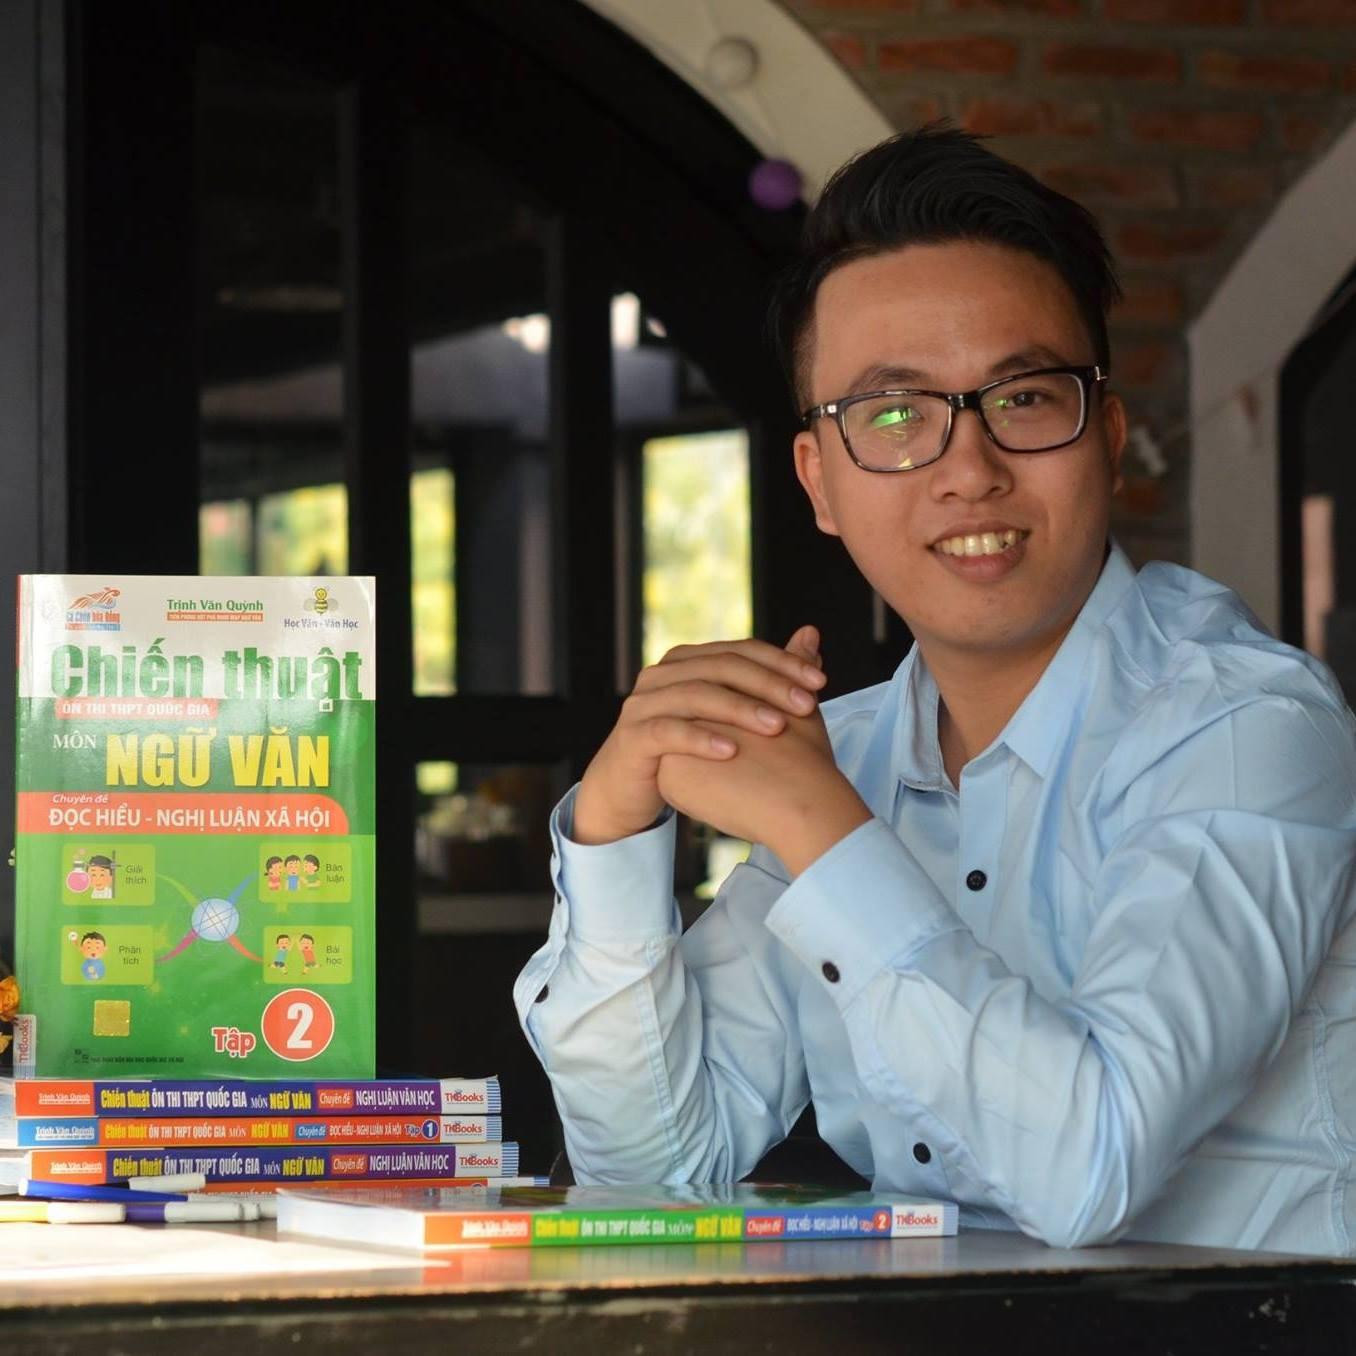 Thạc sĩ Văn học: Đề thi Ngữ văn không chỉ dành cho học sinh mà là vấn đề cả xã hội cần suy ngẫm - Ảnh 6.